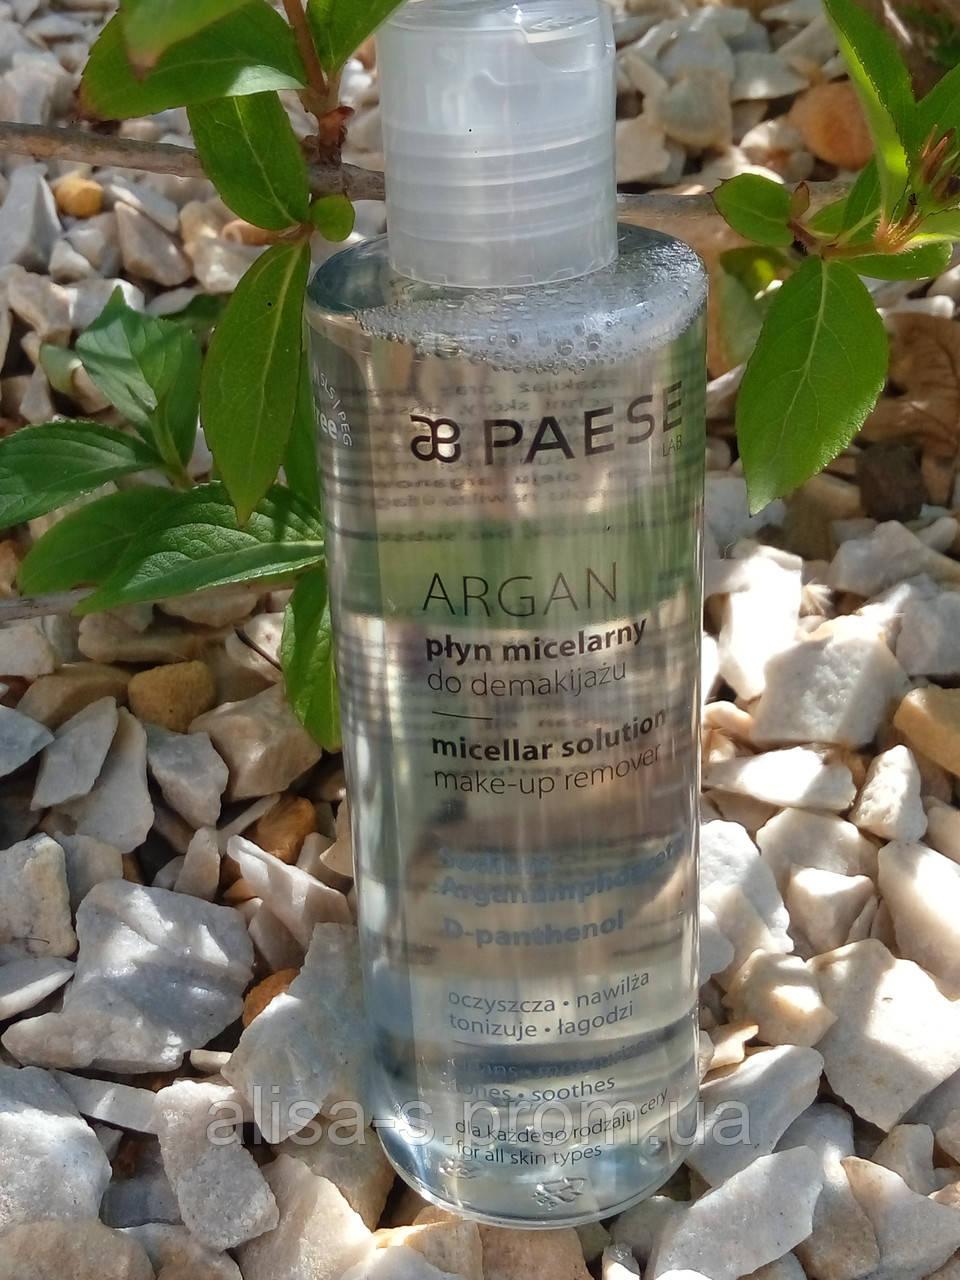 Мицеллярная вода для снятия макияжа Argan Micellar Solution Make-up Remover Paese - Алиса-С в Николаеве